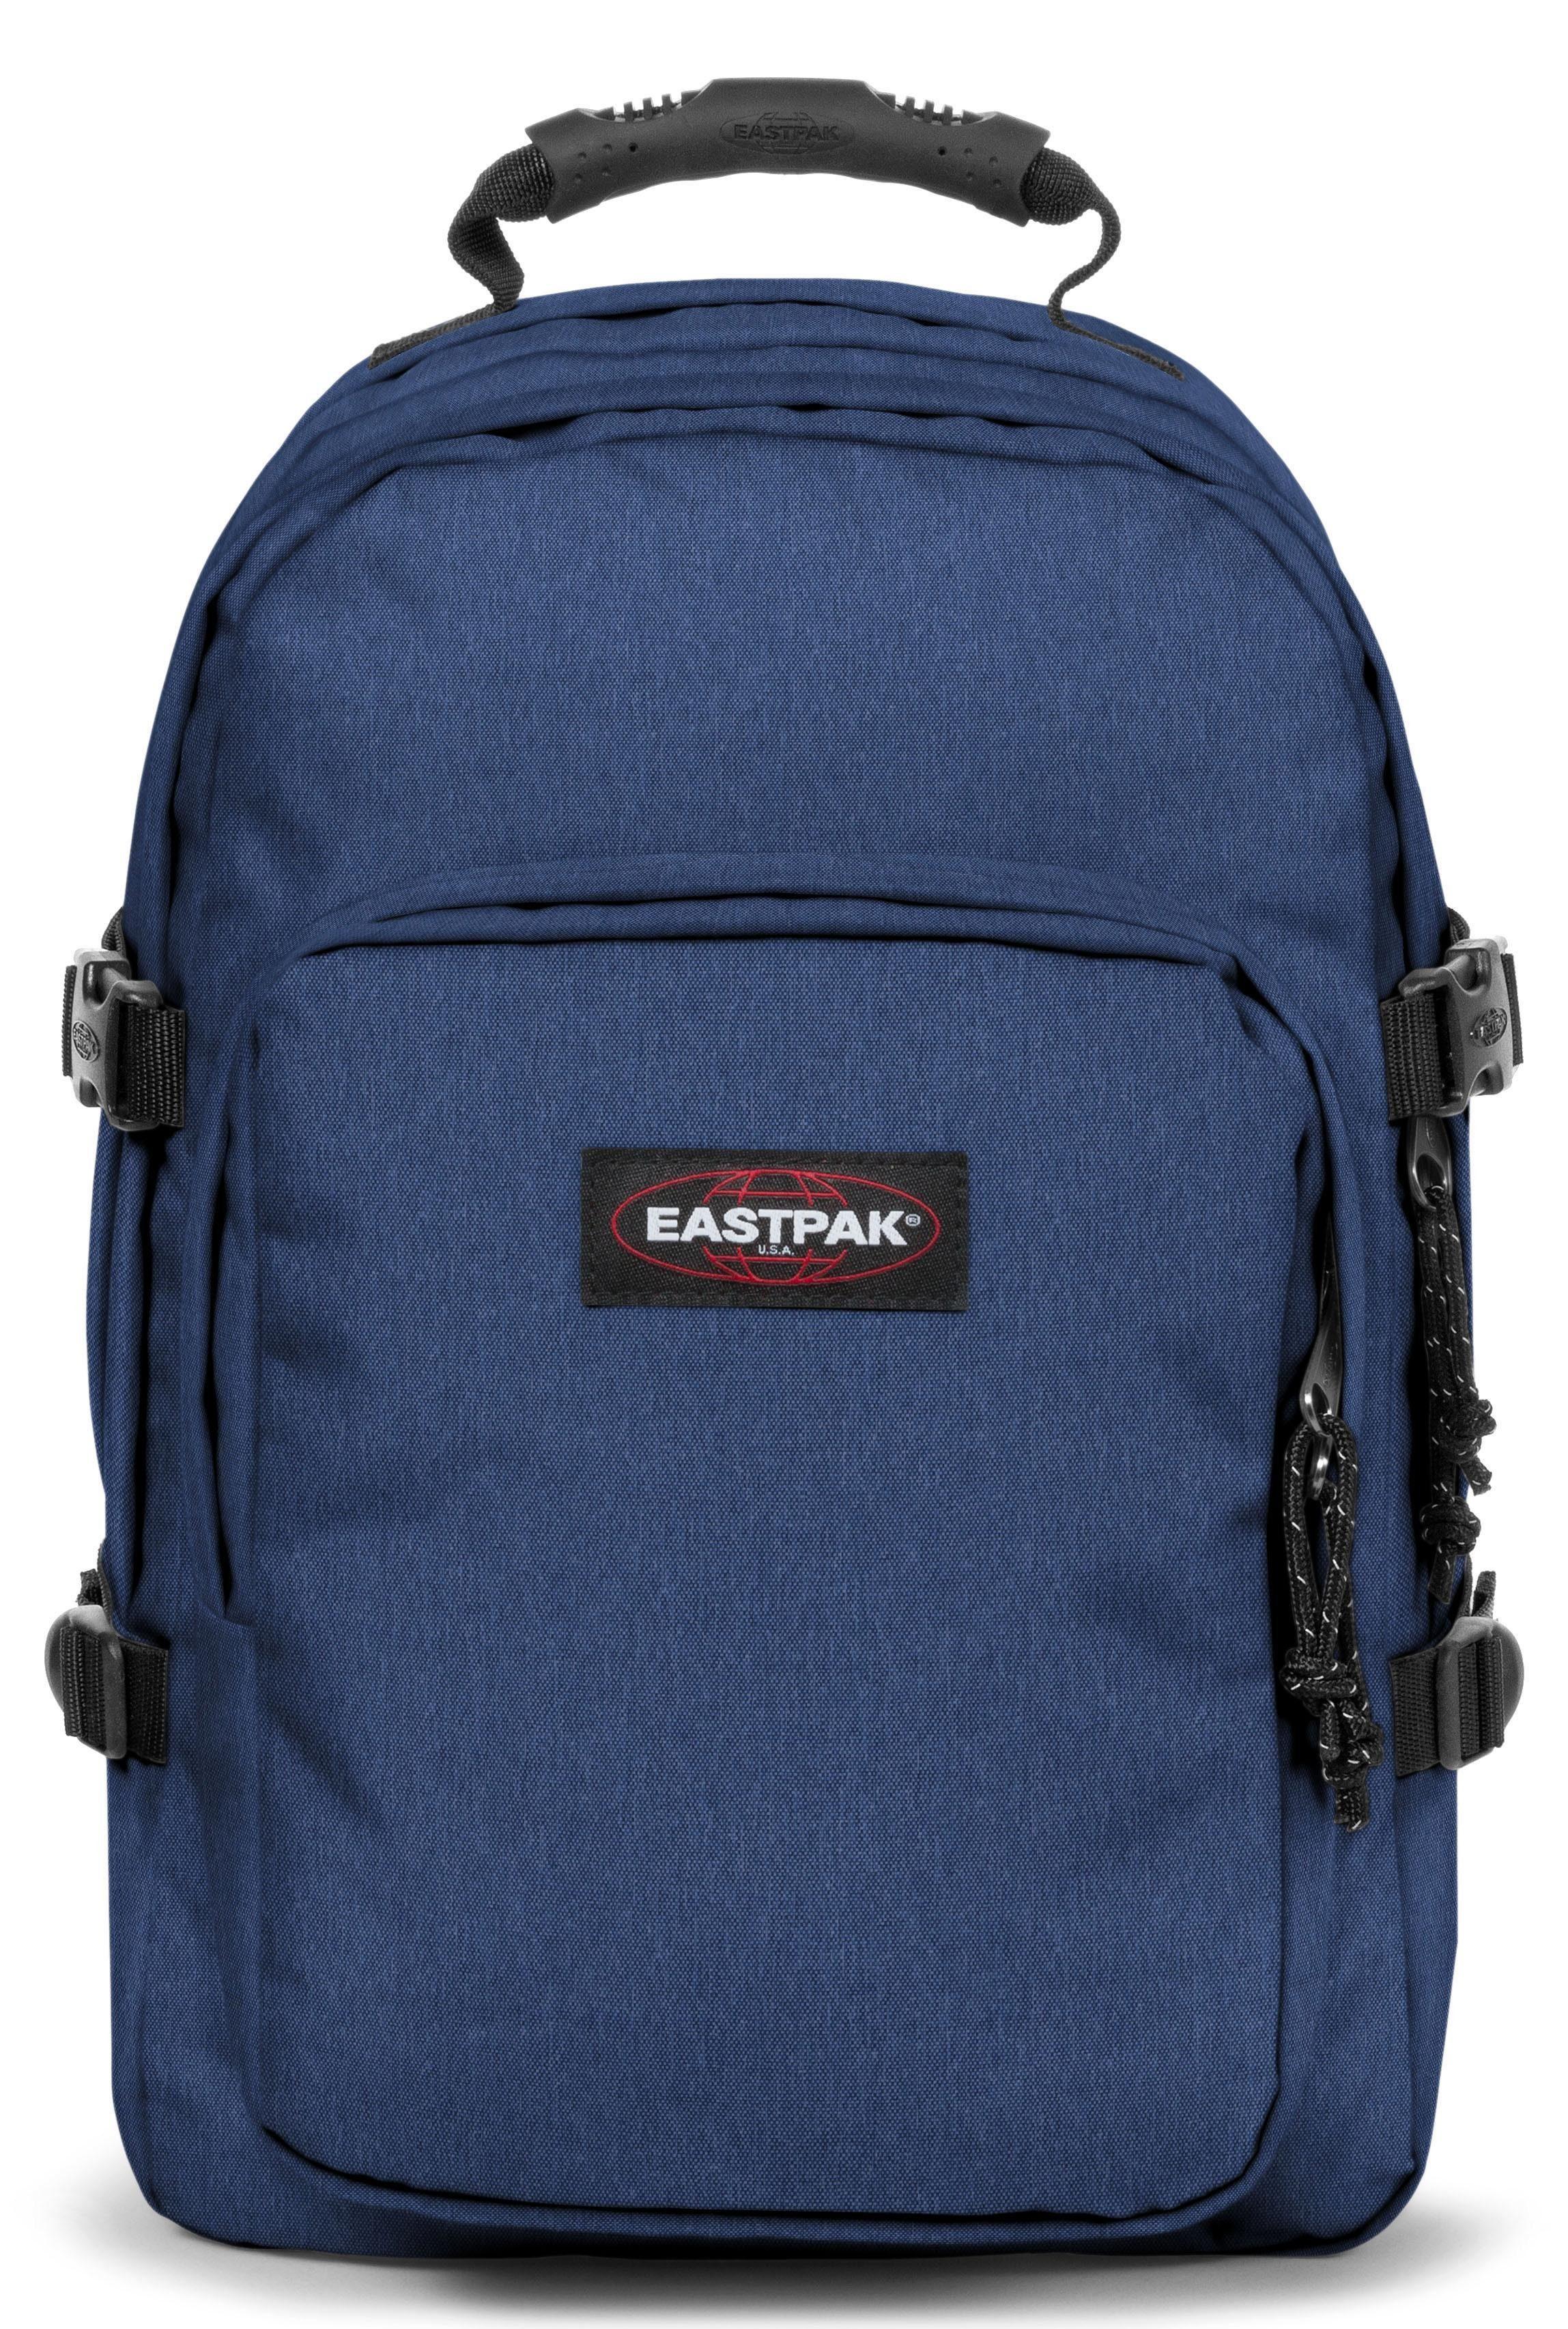 Eastpak Rucksack mit Laptopfach, »PROVIDER, crafty blue«